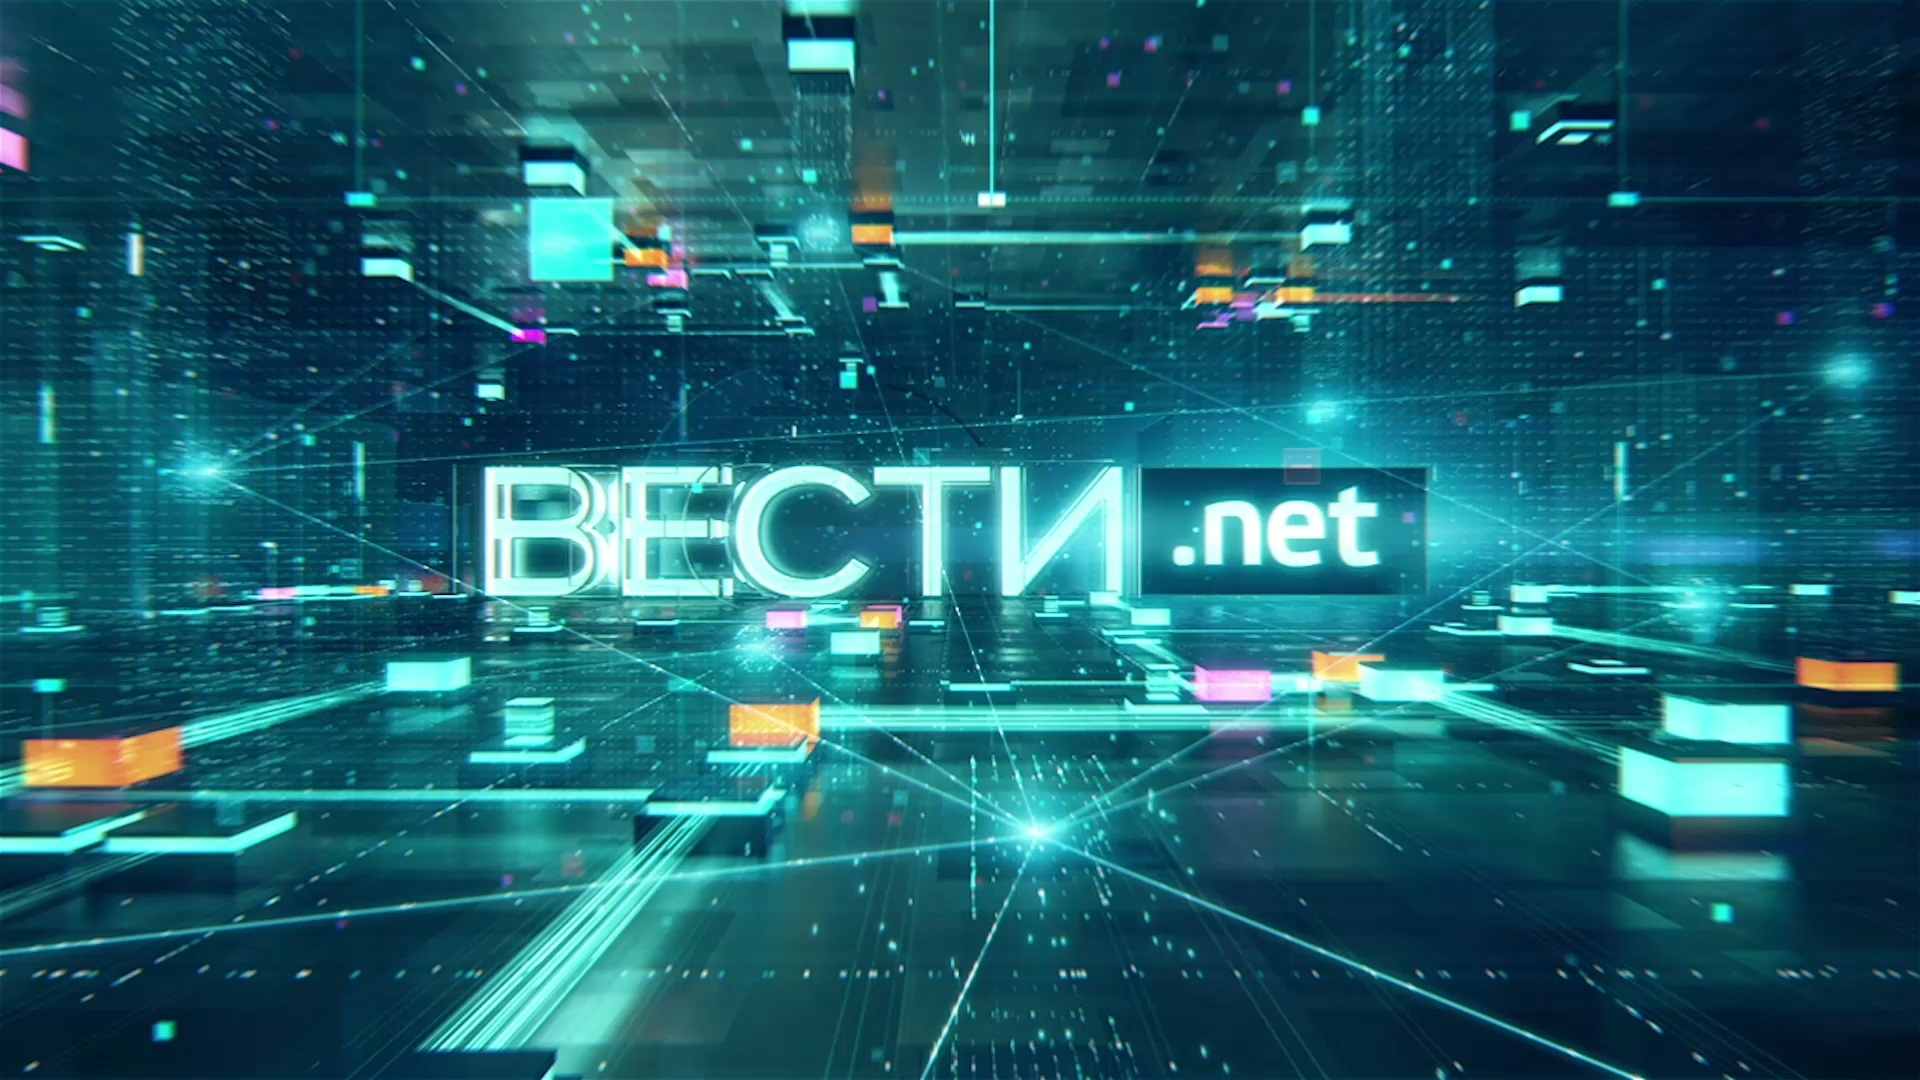 Вести.net